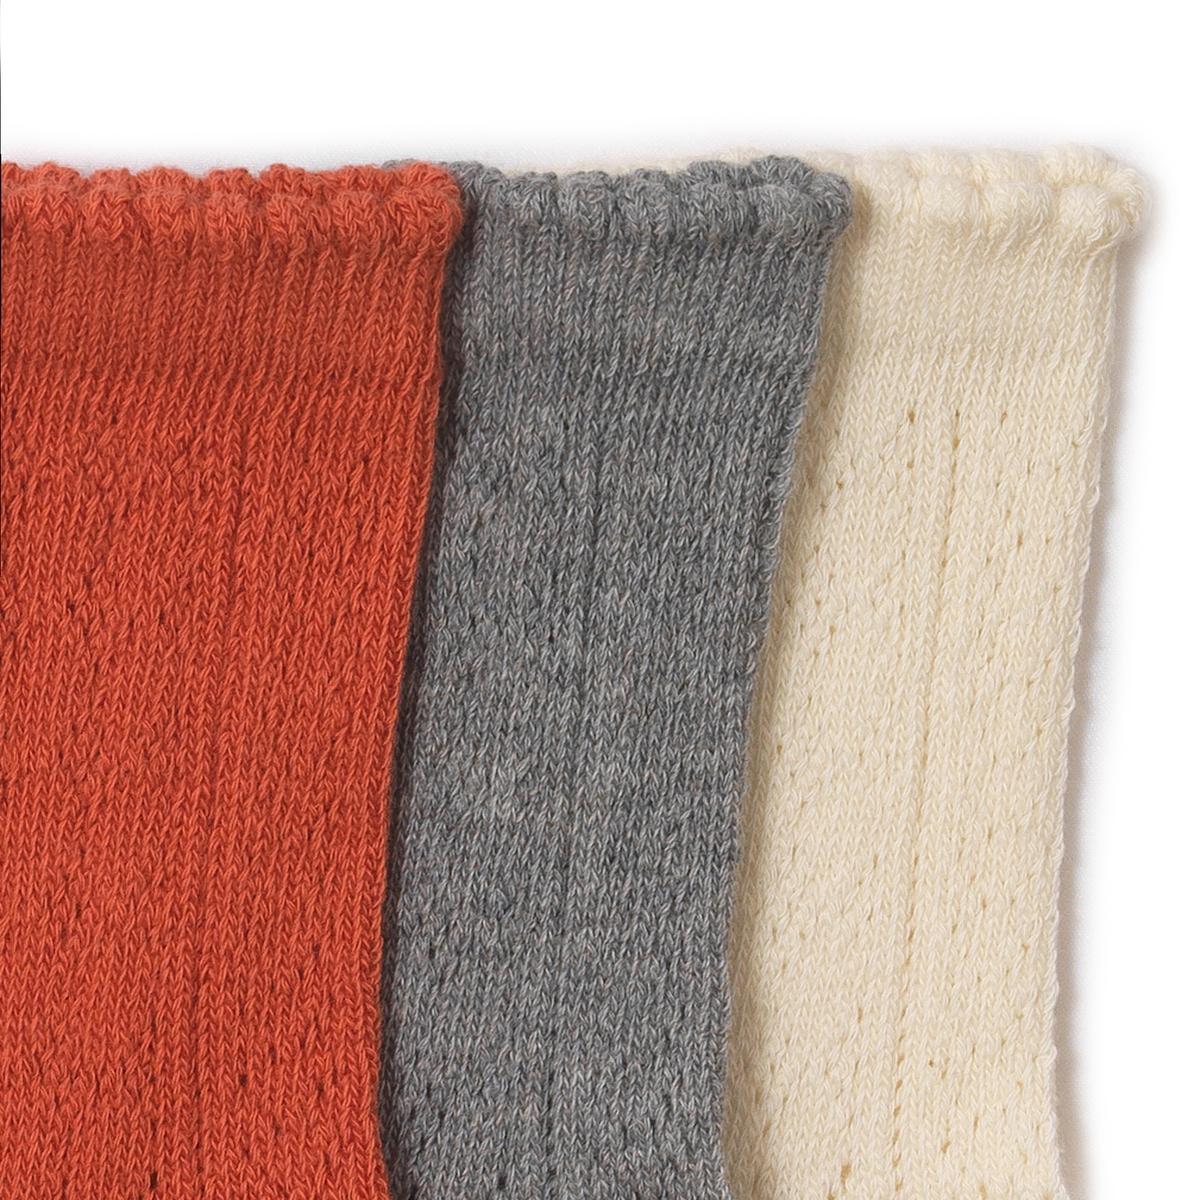 Комплект из 3 пар носков, 3-12 летСостав и описание : Материал         80% хлопка, 20% полиамидаМарка        abcdRУход :Ручная стиркаМашинная сушка запрещенаНе гладить<br><br>Цвет: экрю + розовый + серый